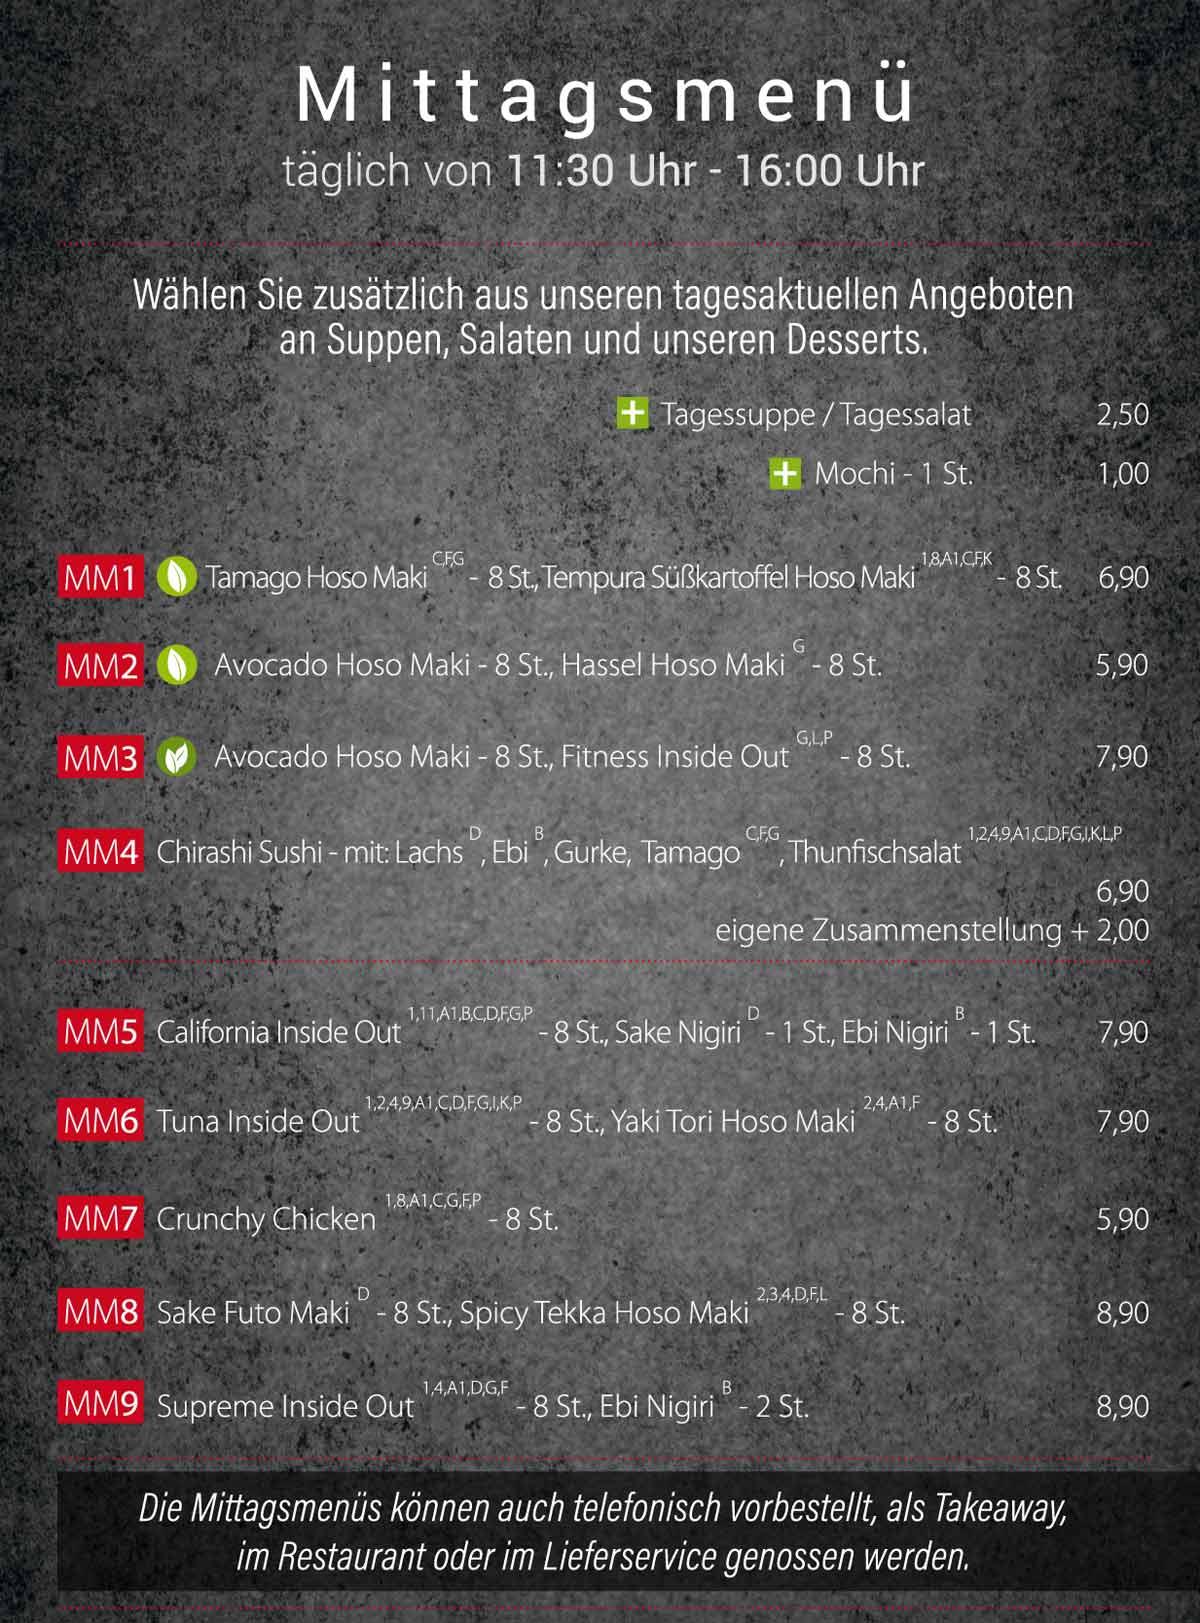 Sushifreunde | Speisekarte | Mittagsmenü - Täglich von 11:30 Uhr bis 16:00 Uhr